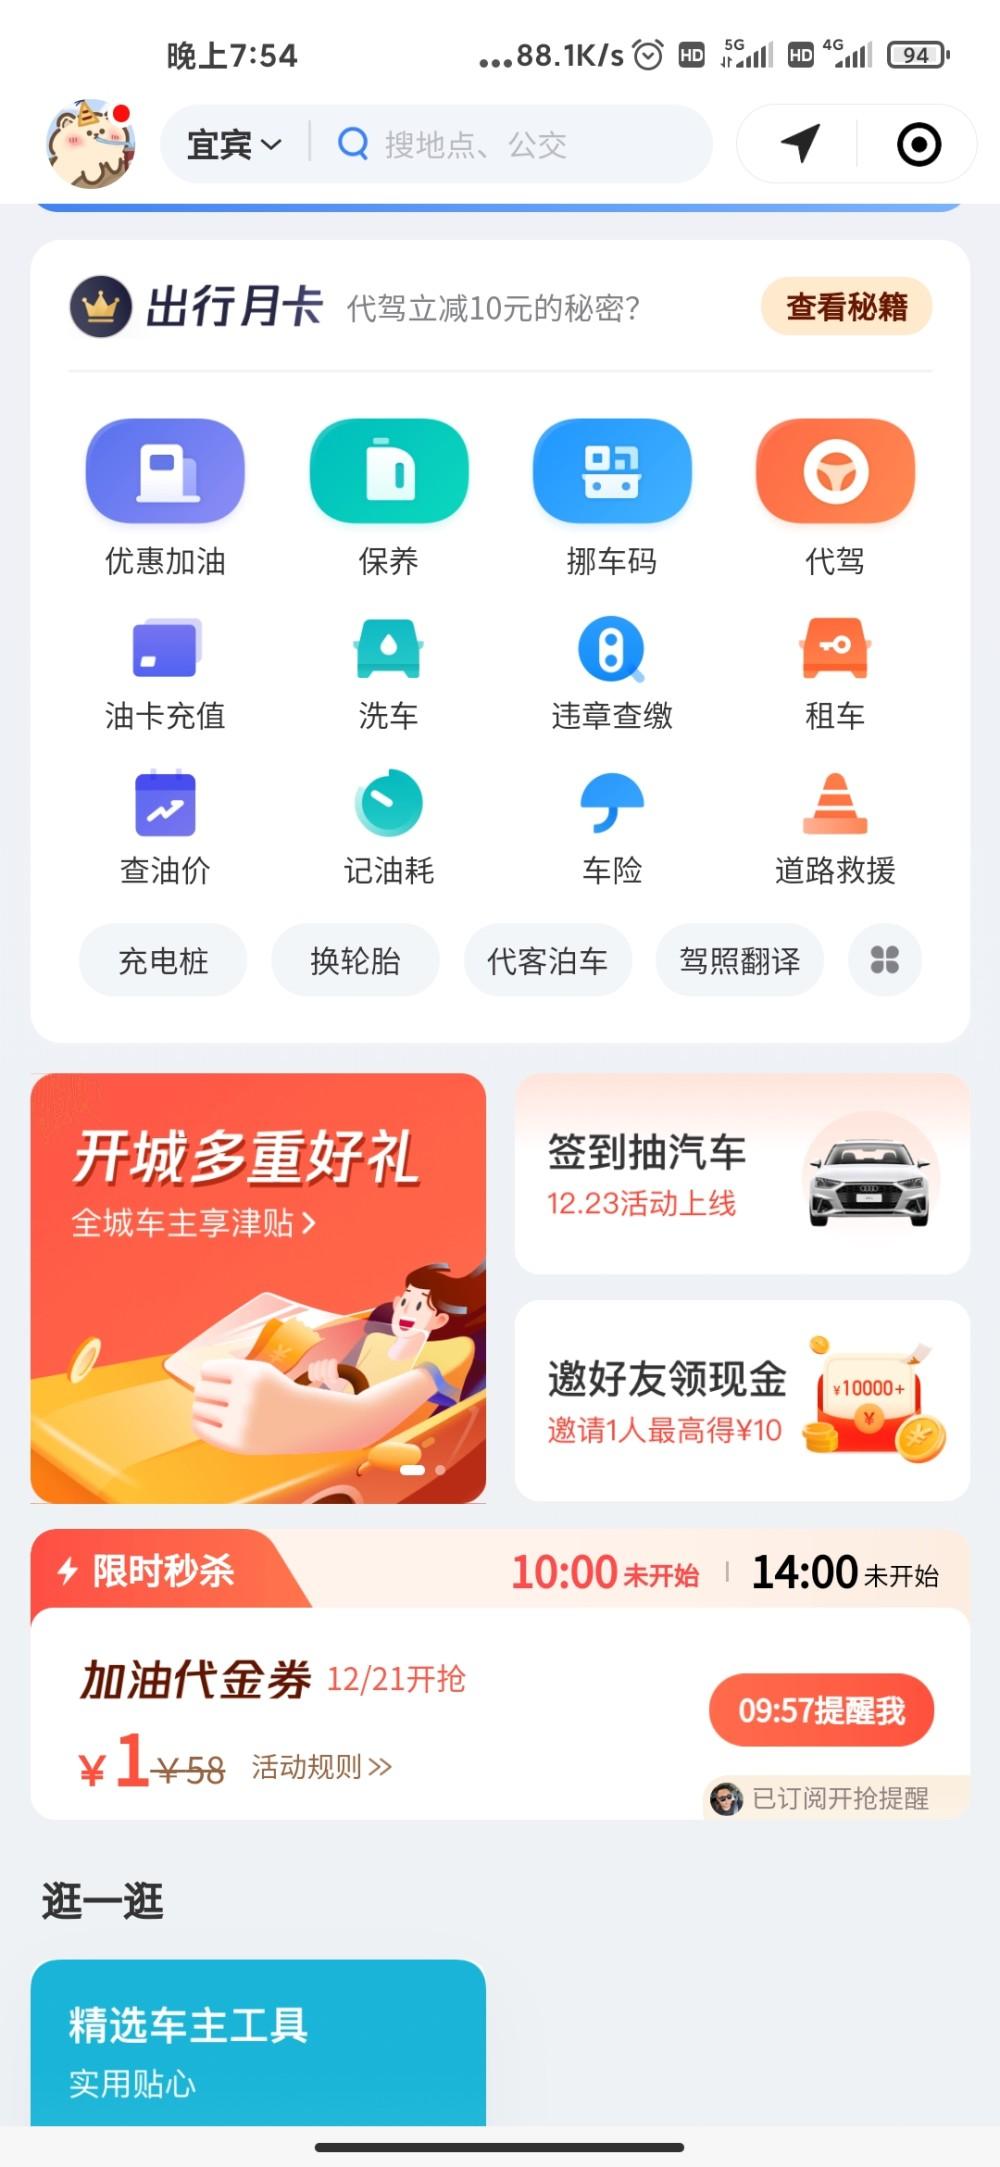 图片[1]-腾讯出行服务随机红包-飞享资源网